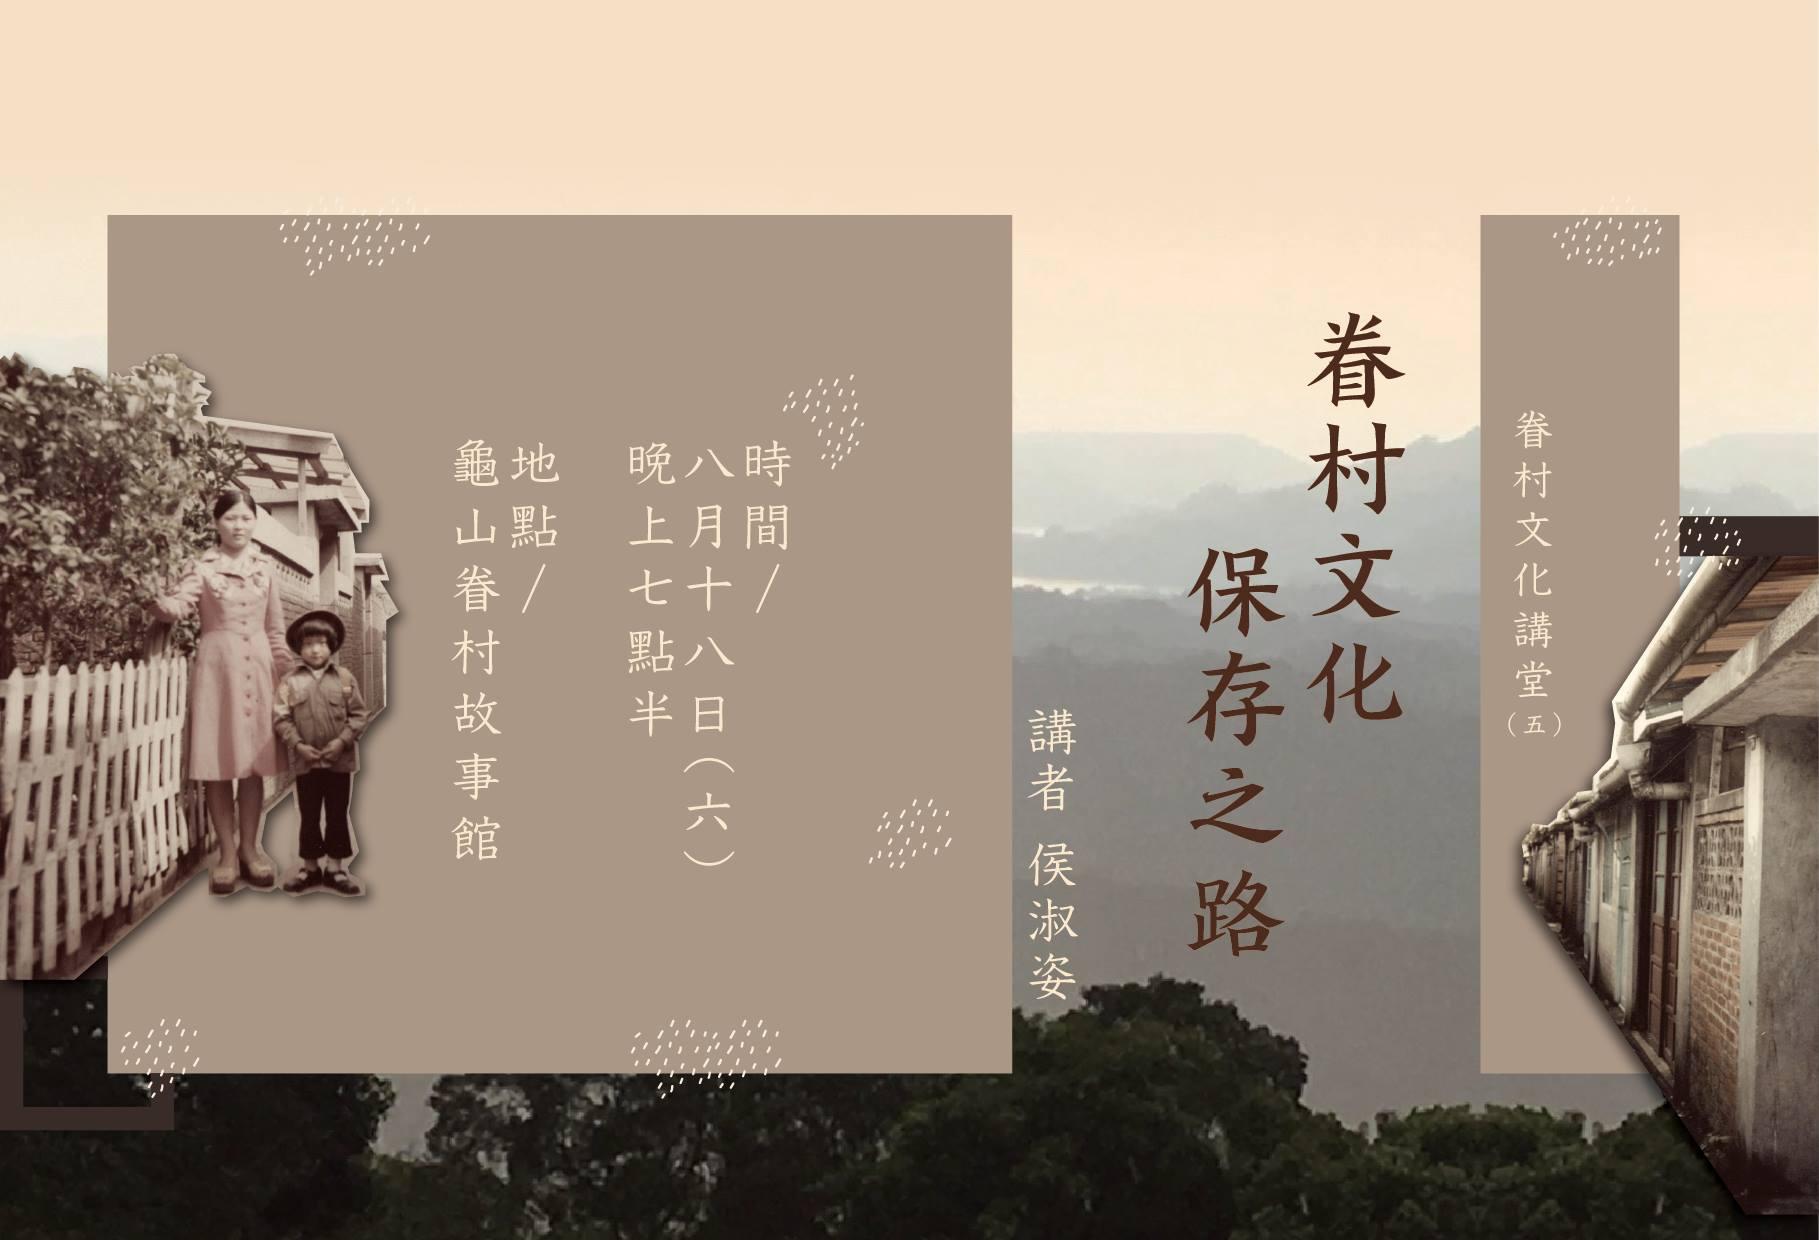 文化講堂第五堂:眷村文化保存之路